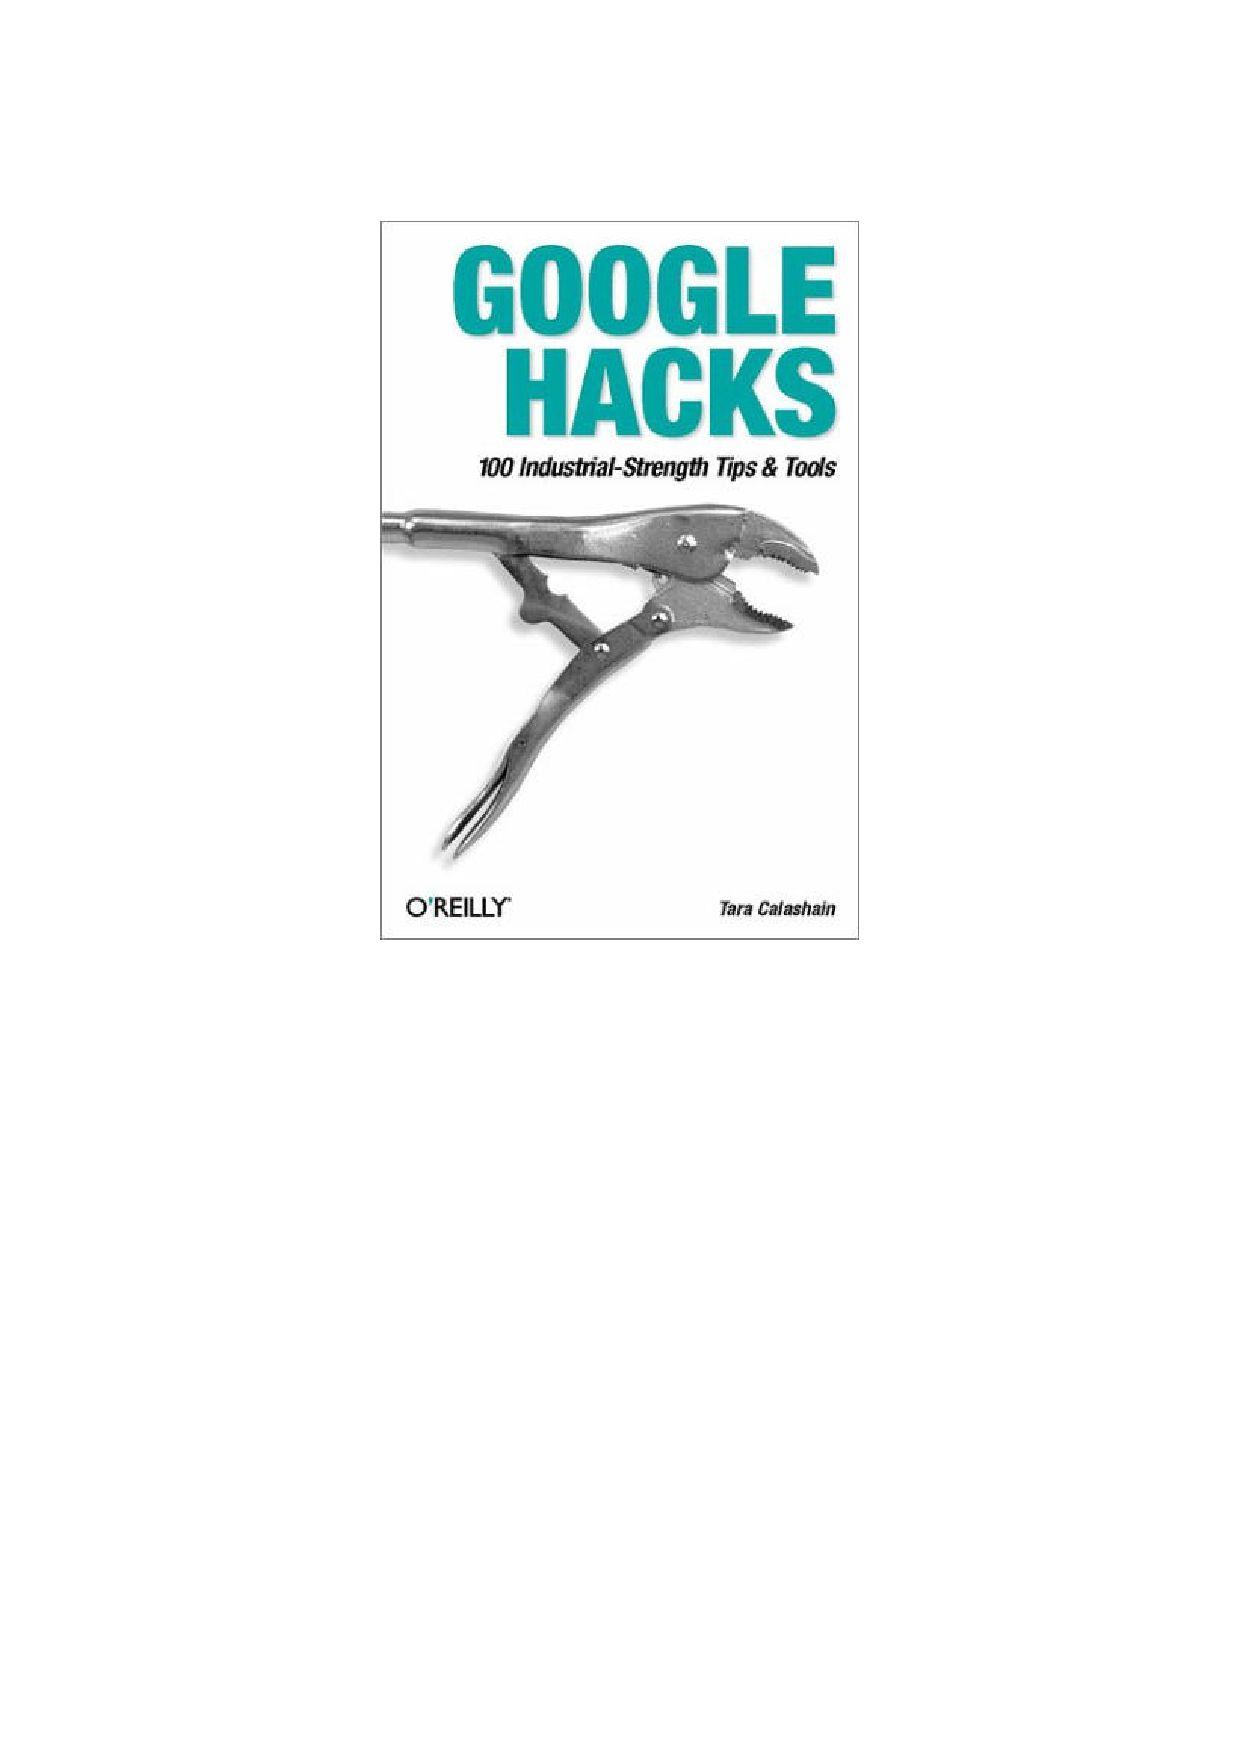 Google hacks by Aasim - issuu